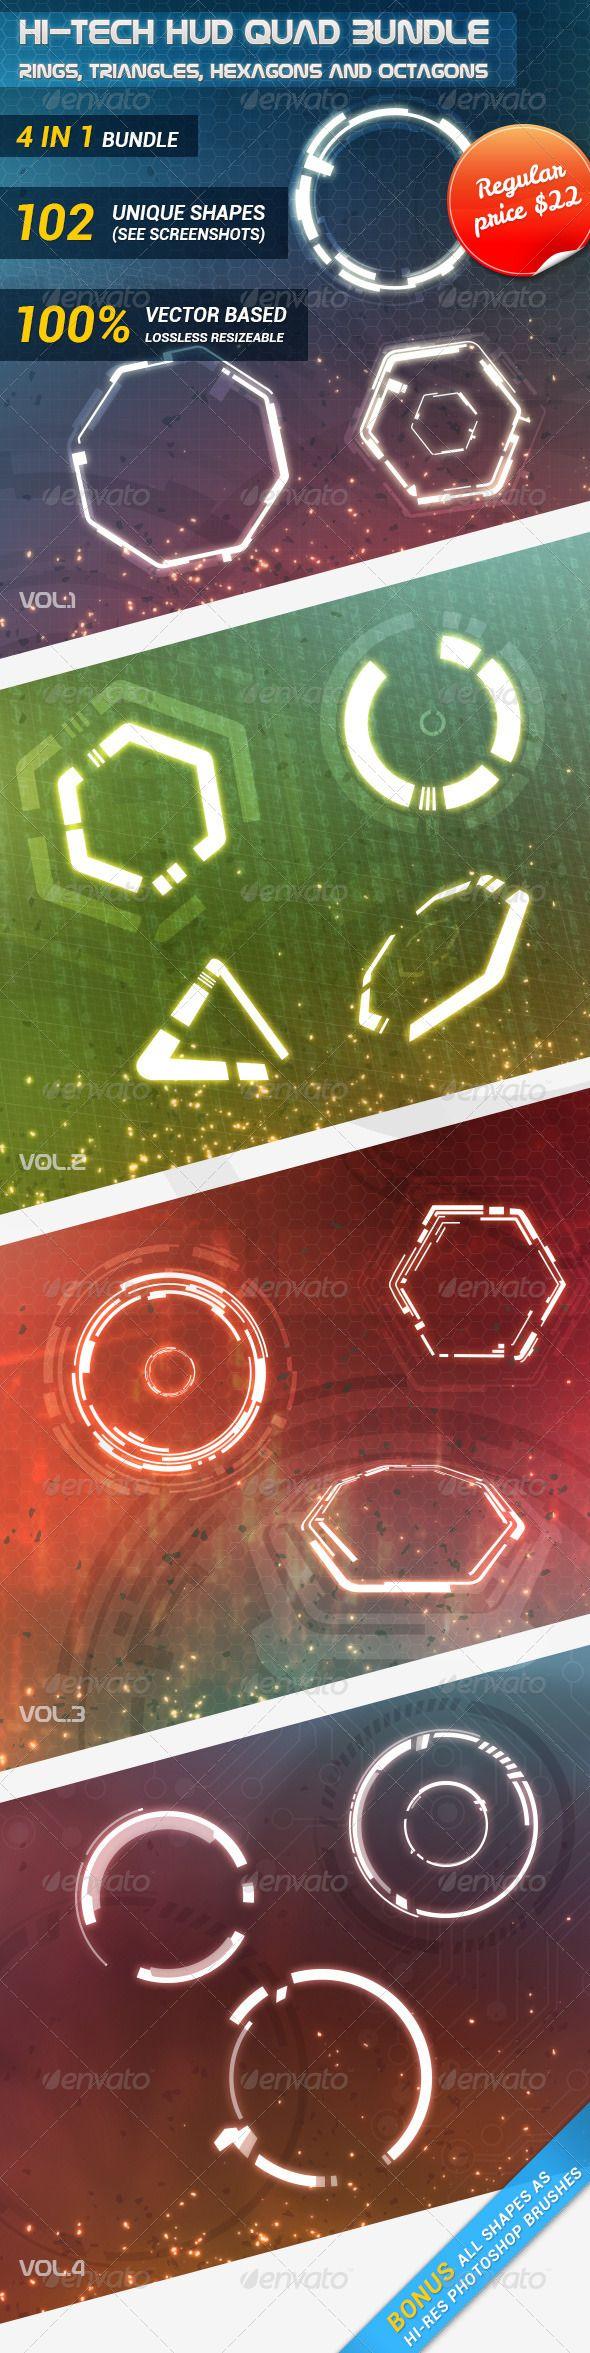 Hi-Tech HUD Quad Bundle - Technology Conceptual